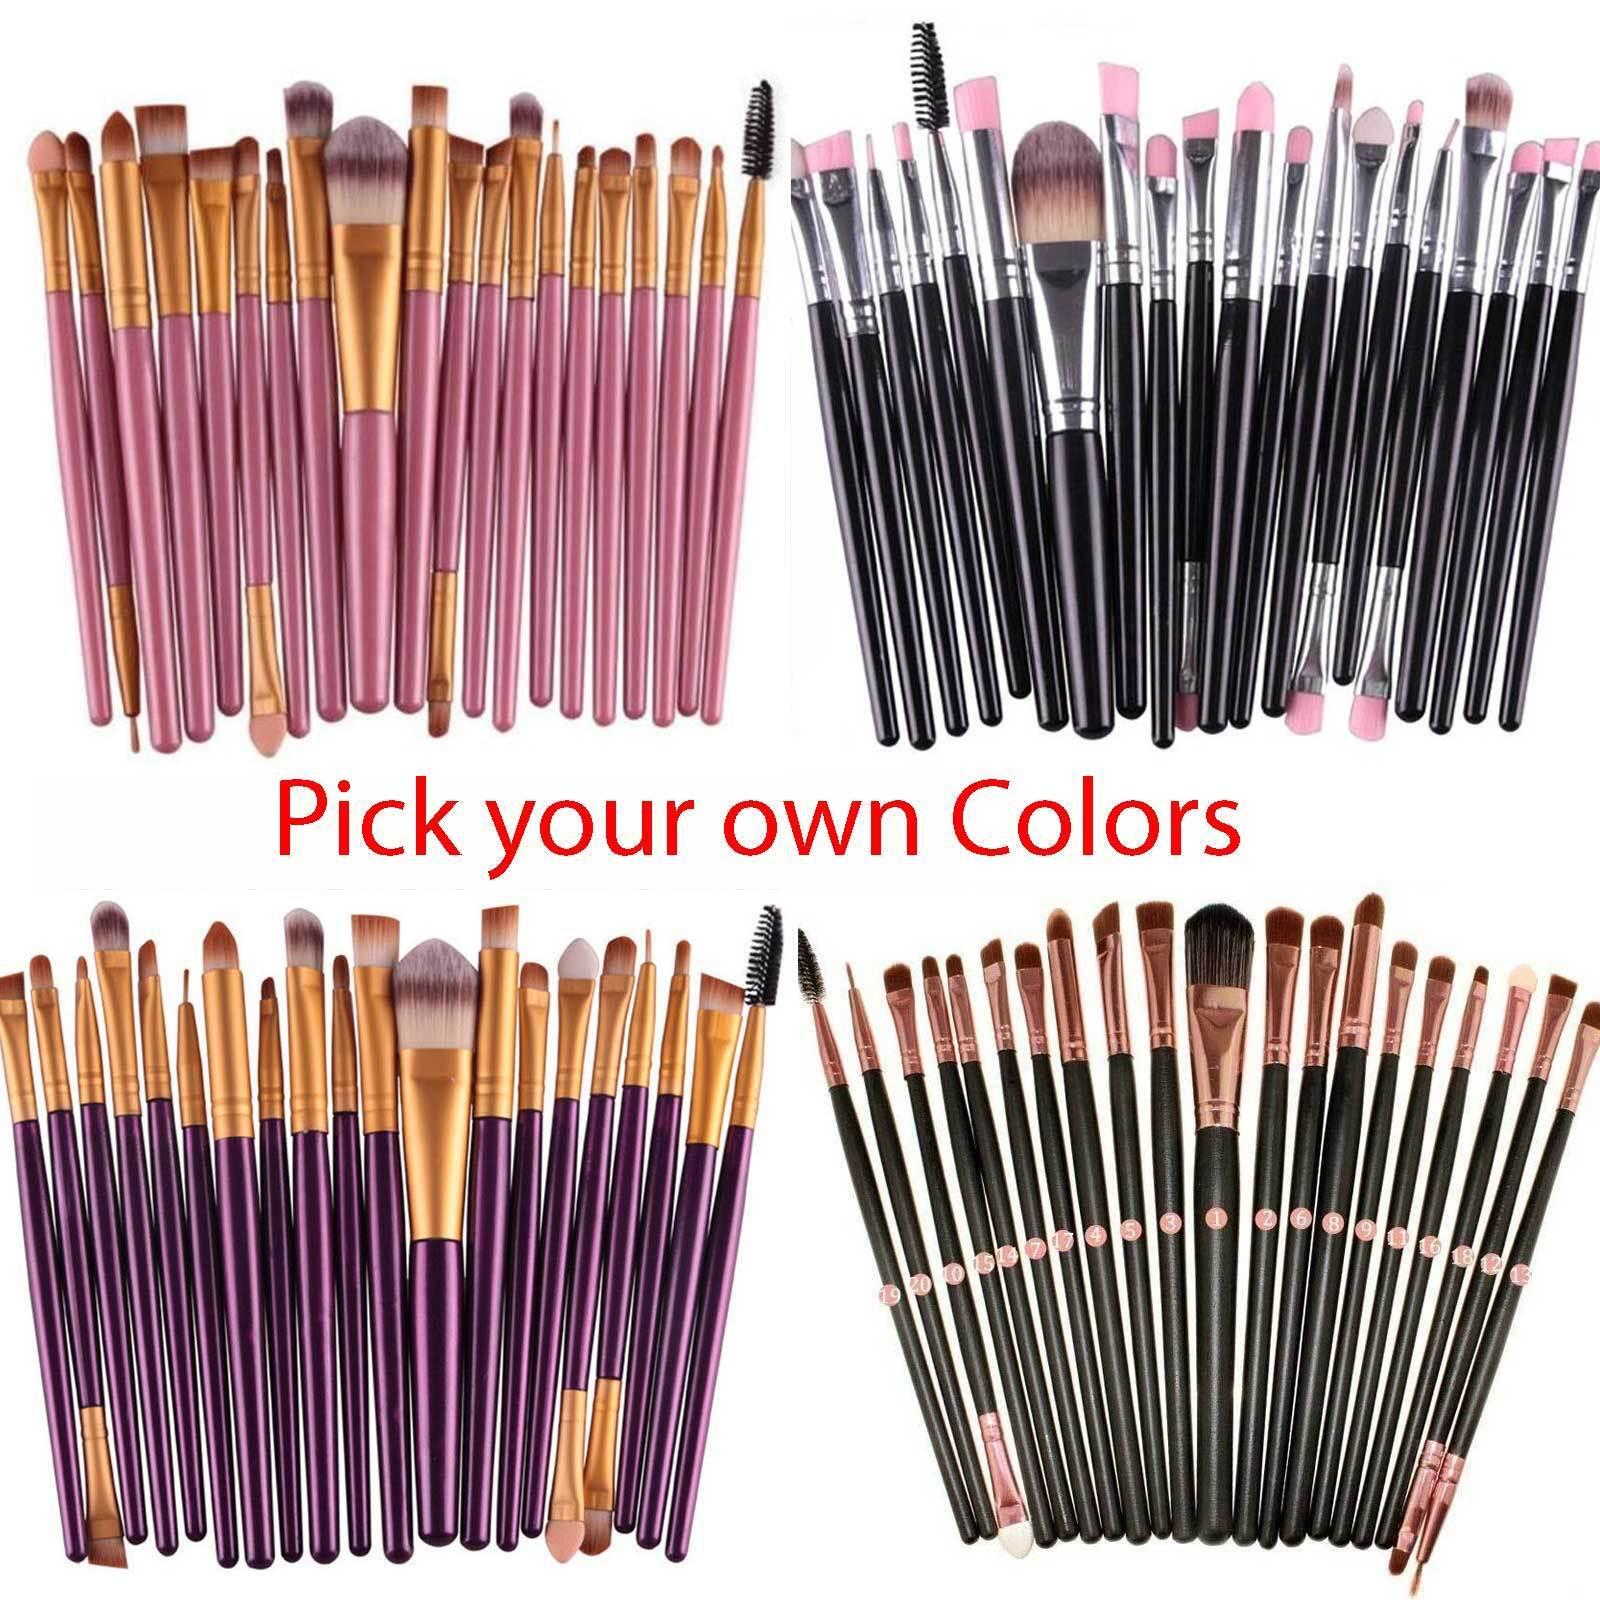 20pcs Makeup BRUSHES Kit Set Powder Foundation Eyeshadow Eyeliner Lip Brush Brushes